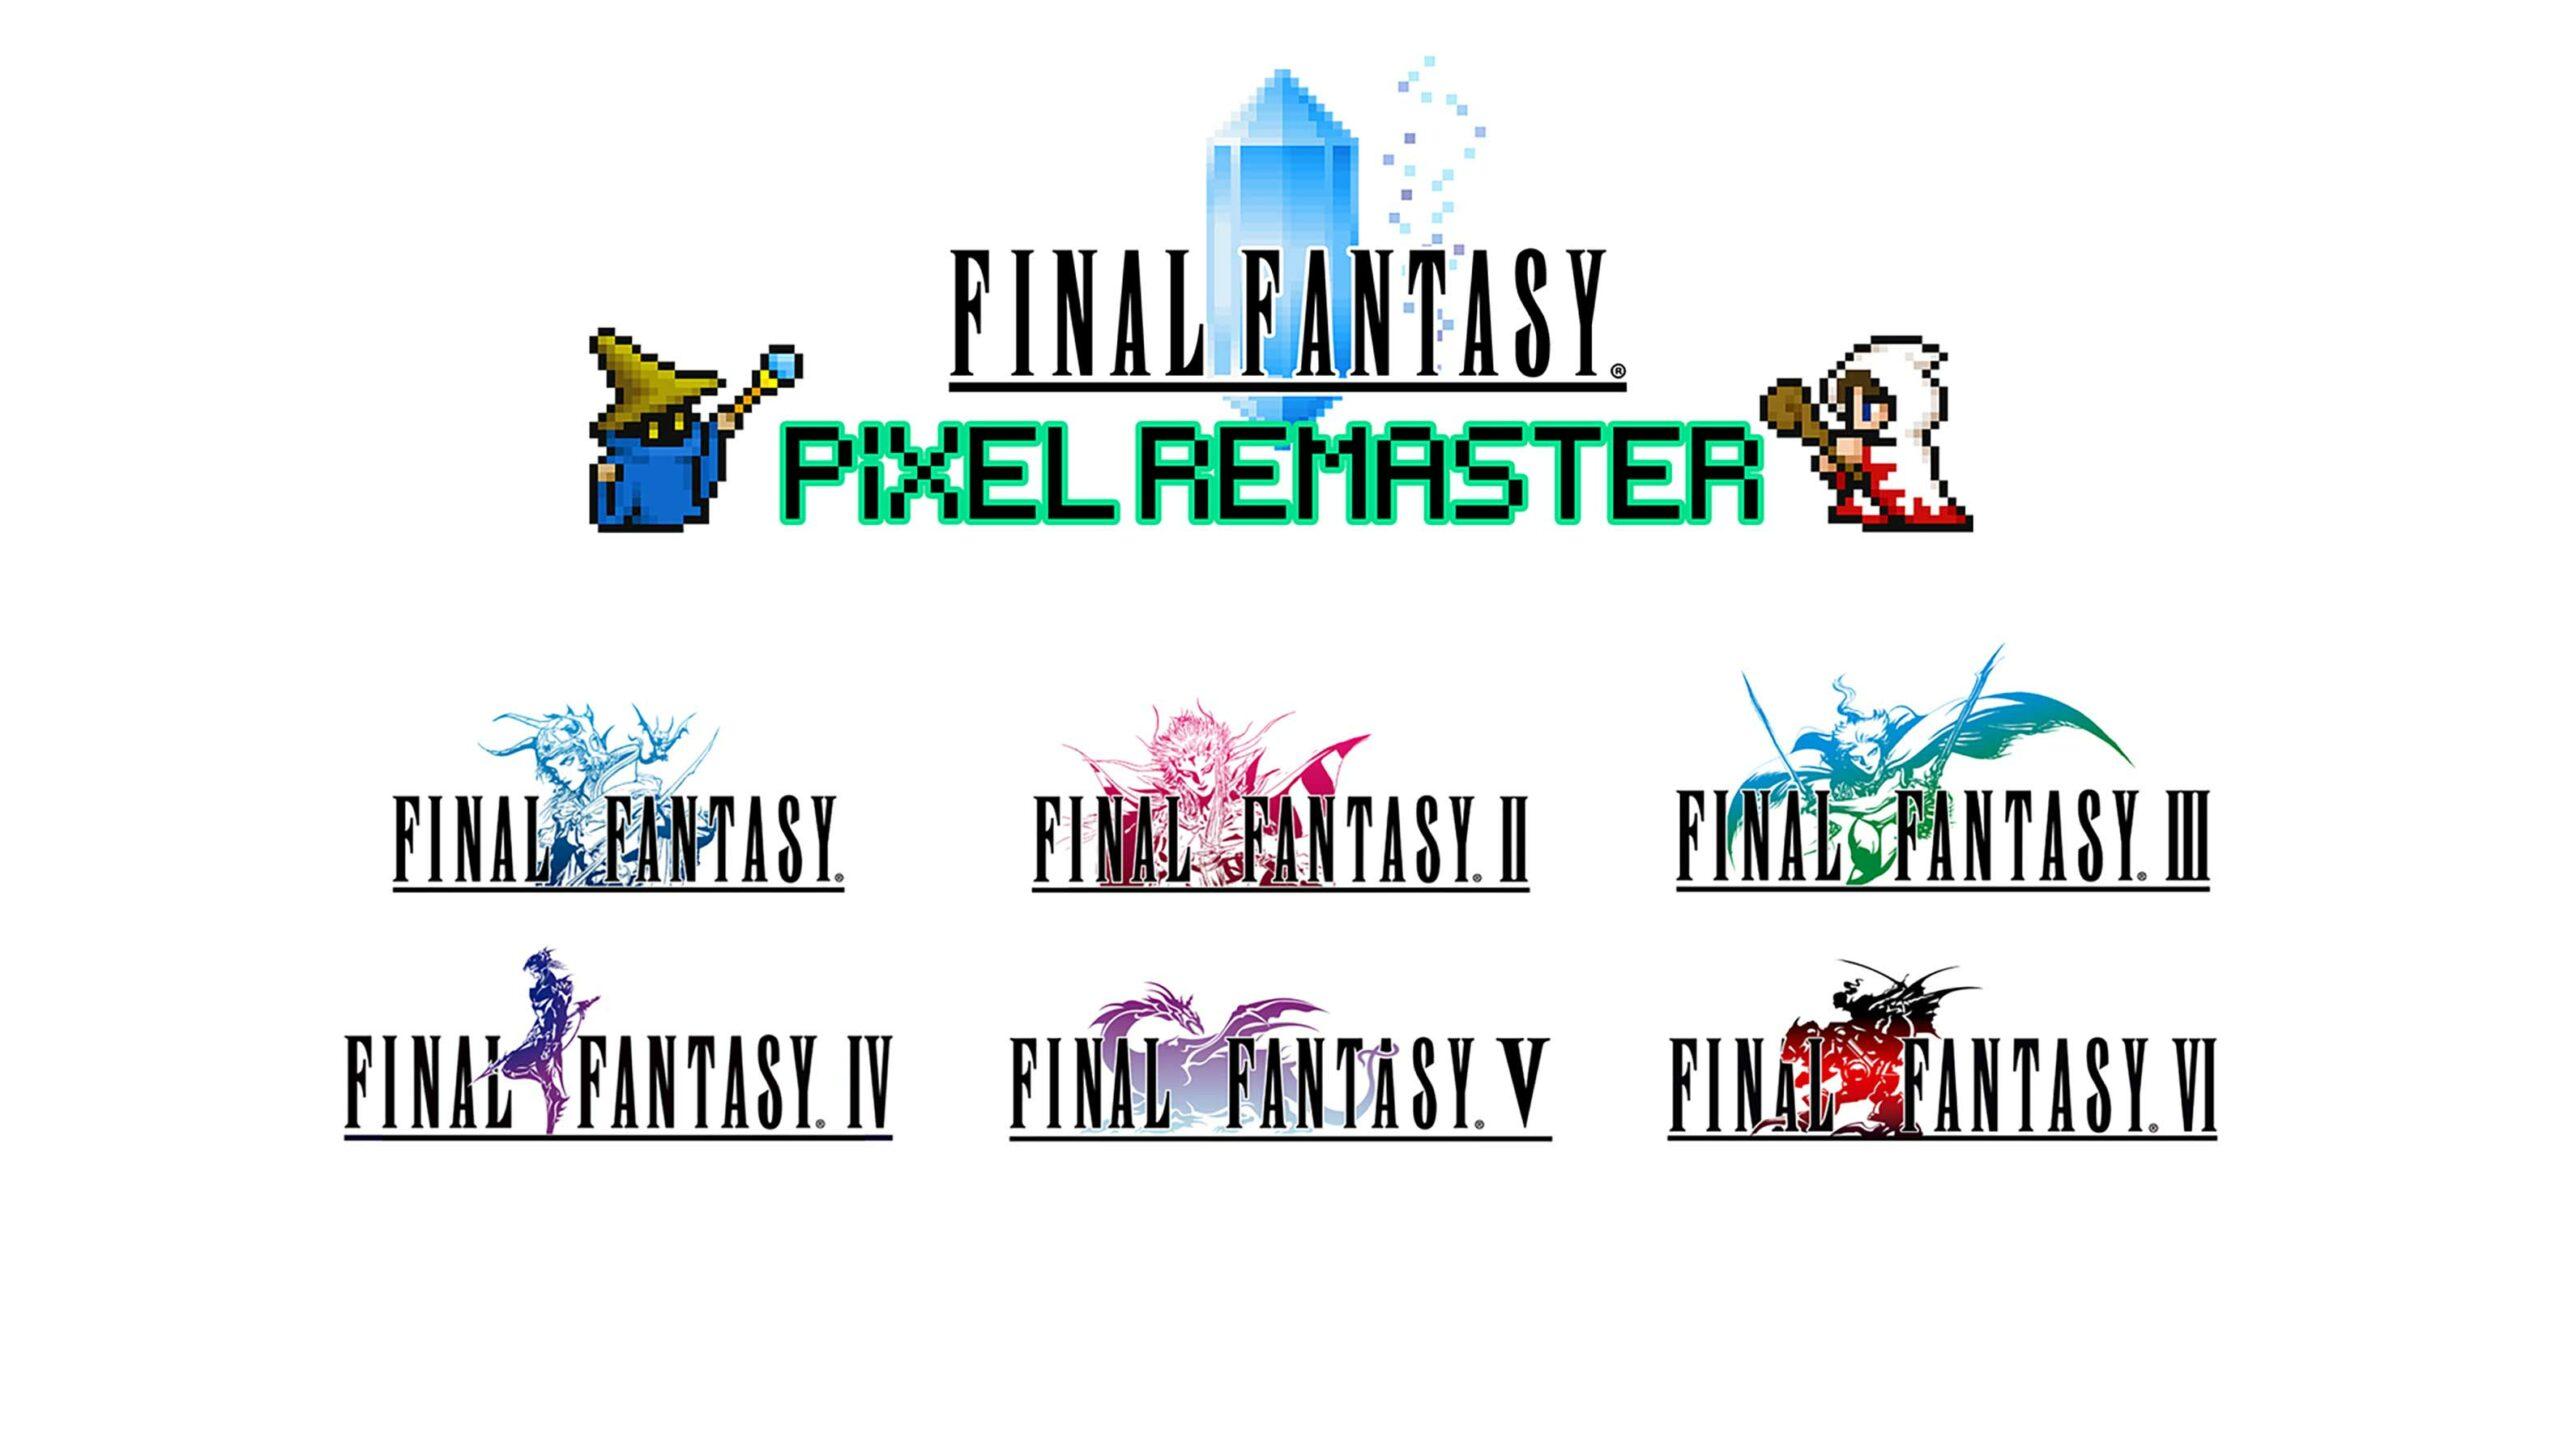 FF Pixel Remaster